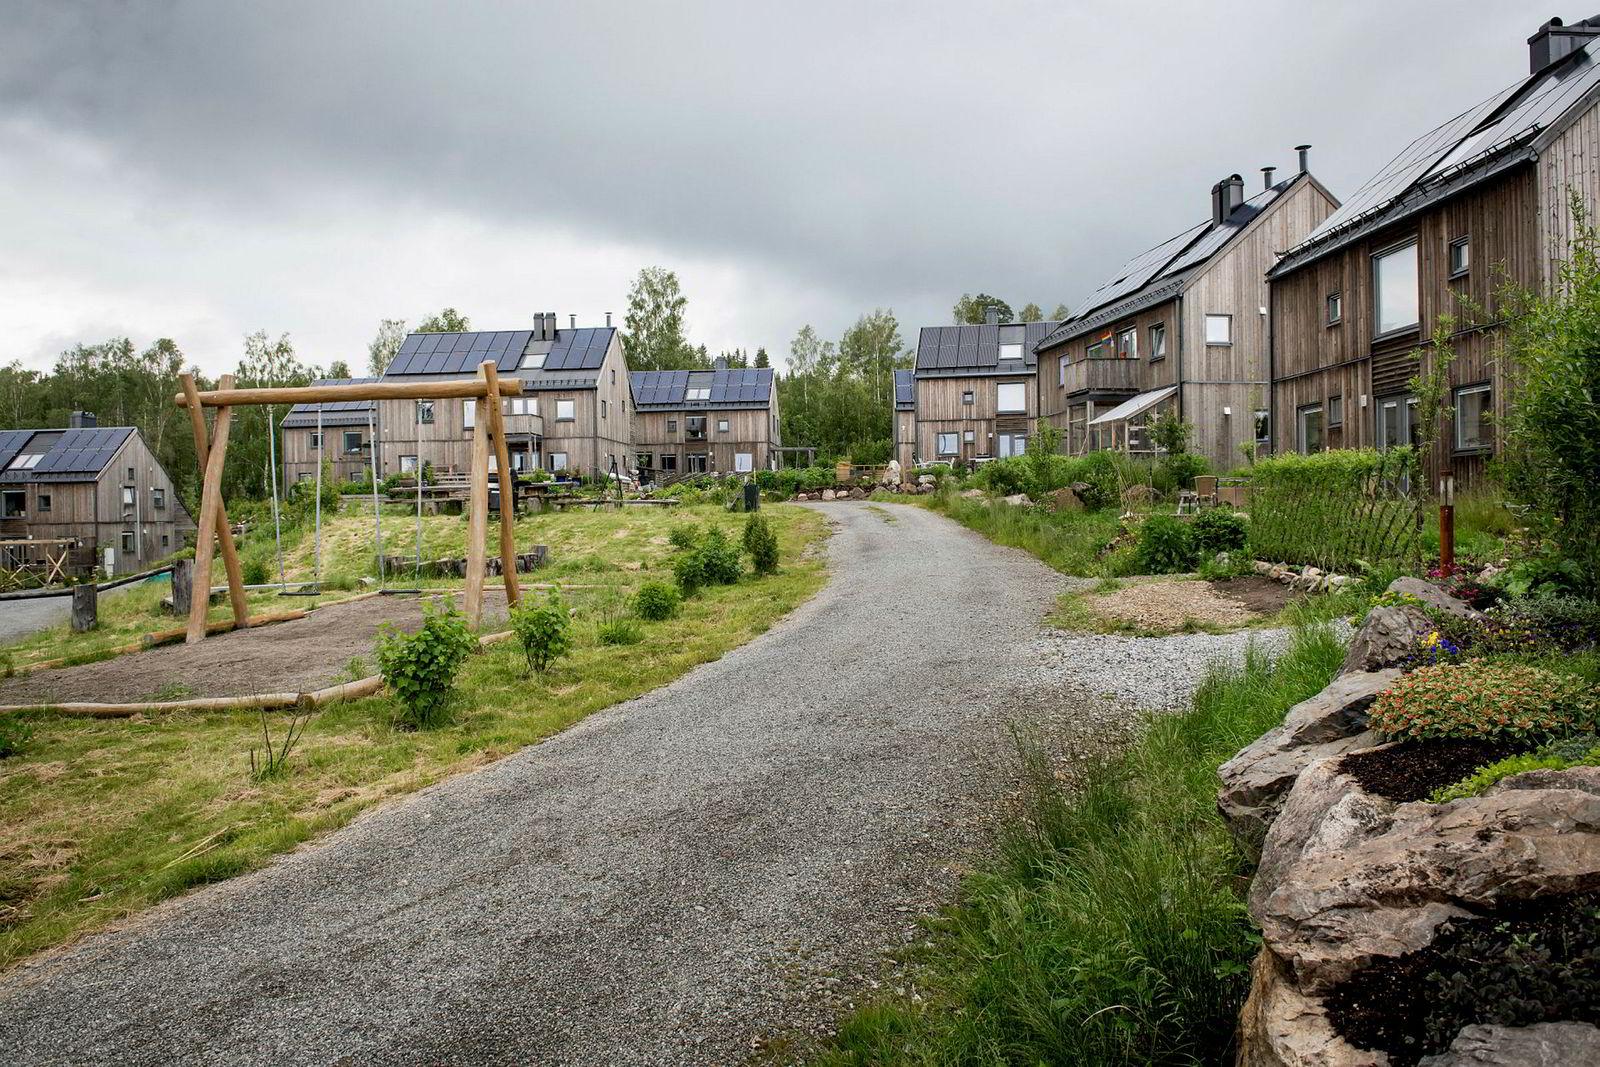 Da DN besøkte Hurdal økolandsby var innbyggerne splittet i synet på Filago.